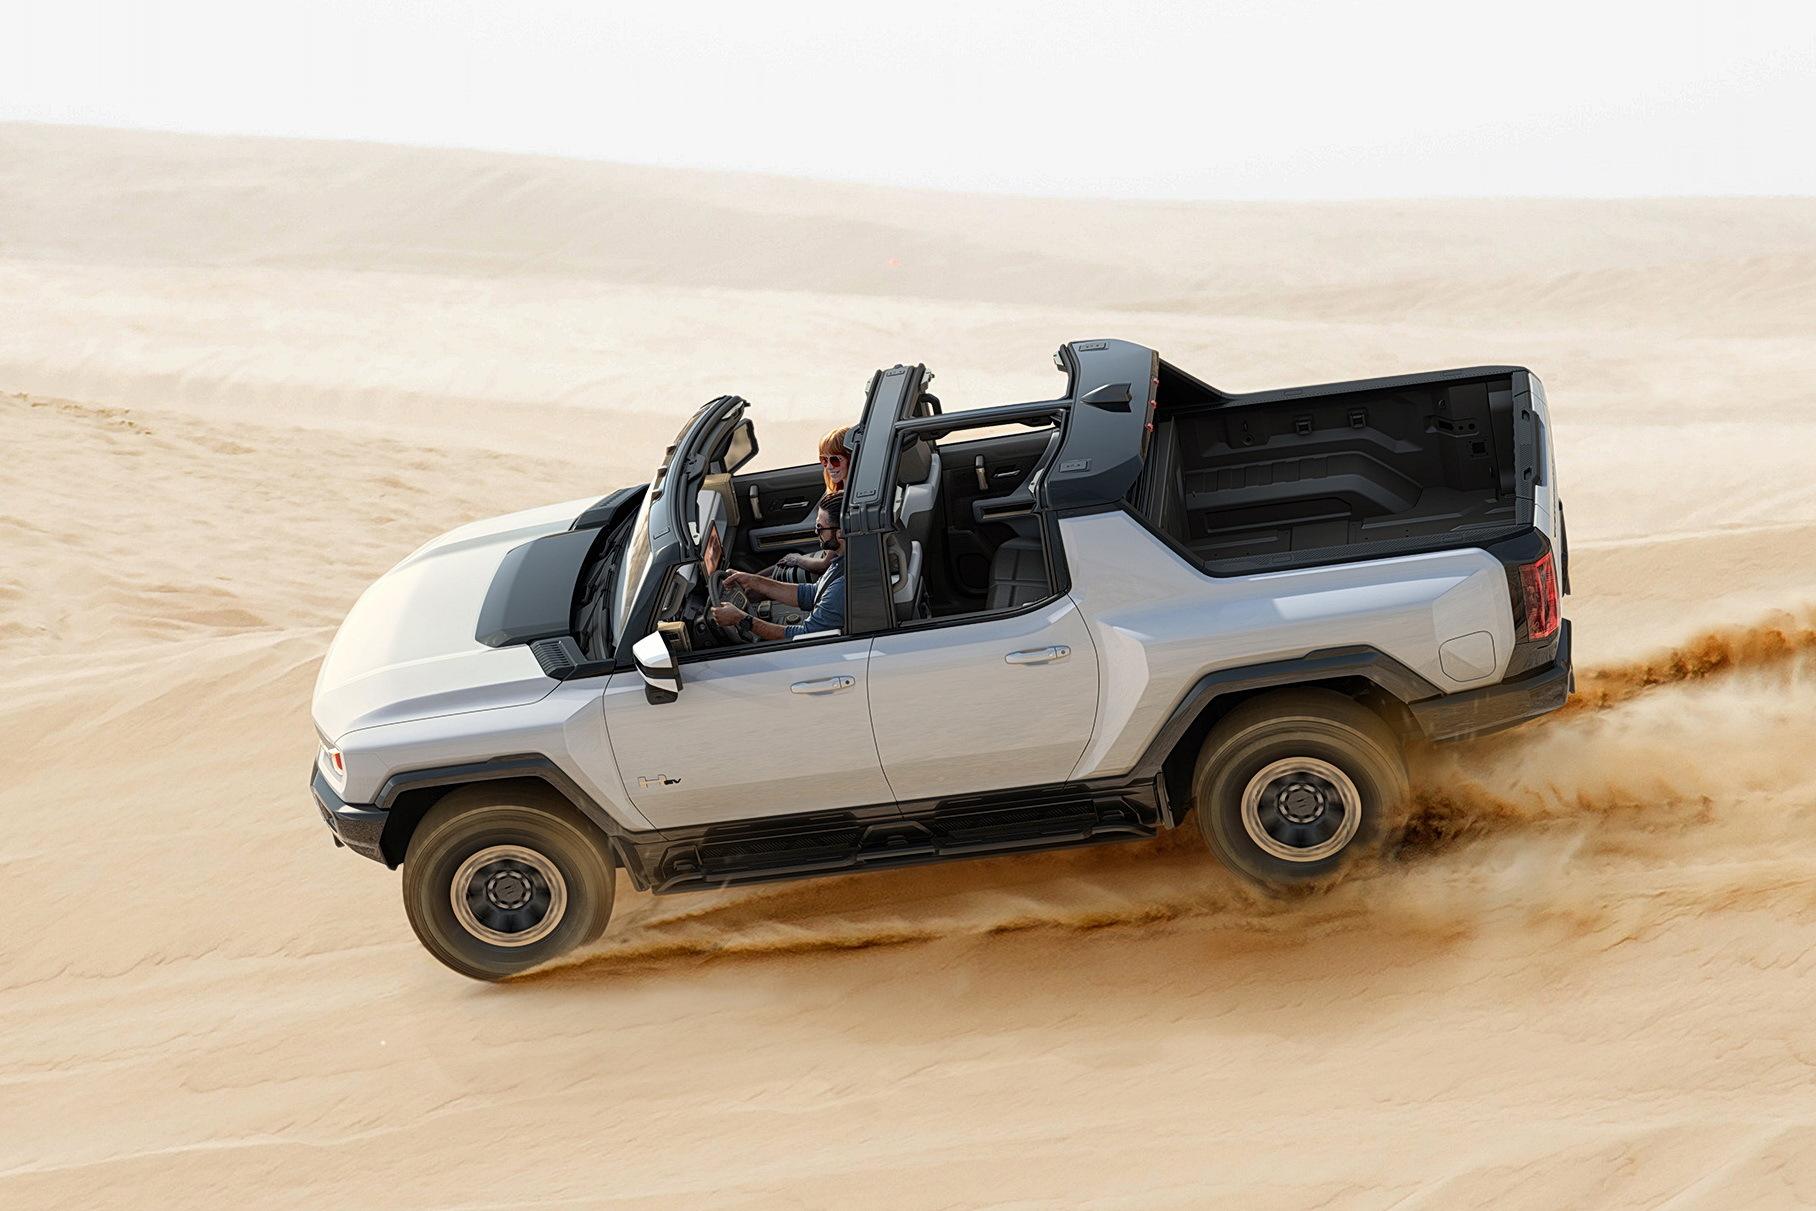 Электропикап Hummer оказался тяжелее, чем грузовик ГАЗ Валдай